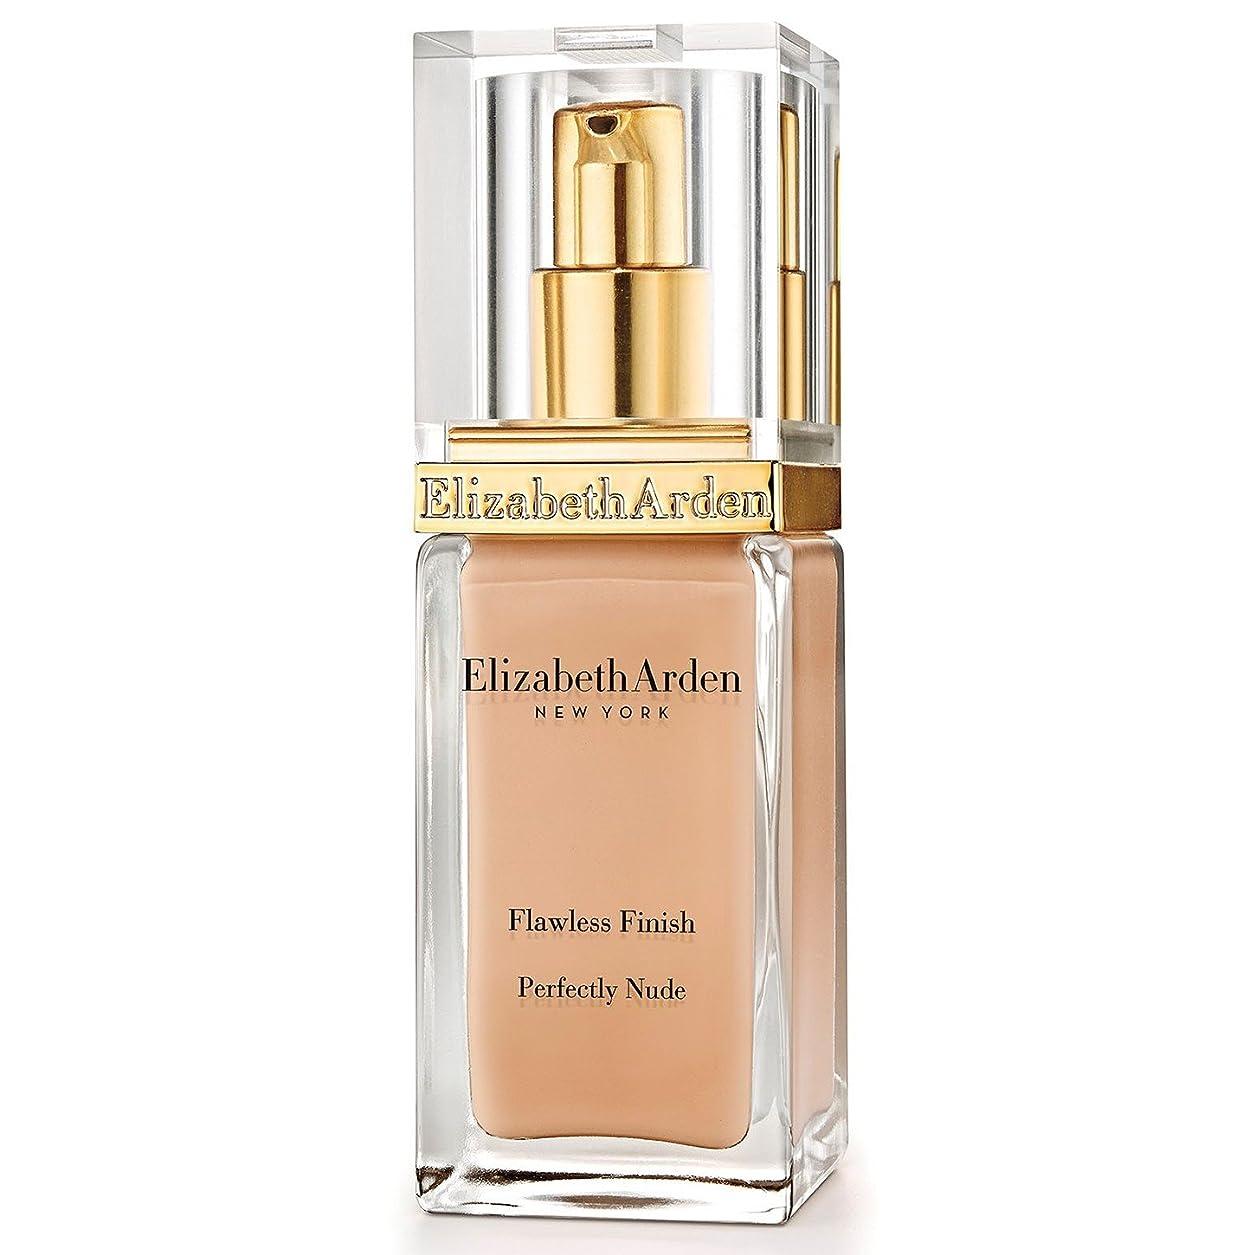 違法土砂降りペチュランスElizabeth Arden Flawless Finish Perfectly Nude Foundation SPF 15 Spice (Pack of 6) - エリザベスアーデン完璧な仕上がり完璧ヌードファンデーション 15スパイス x6 [並行輸入品]